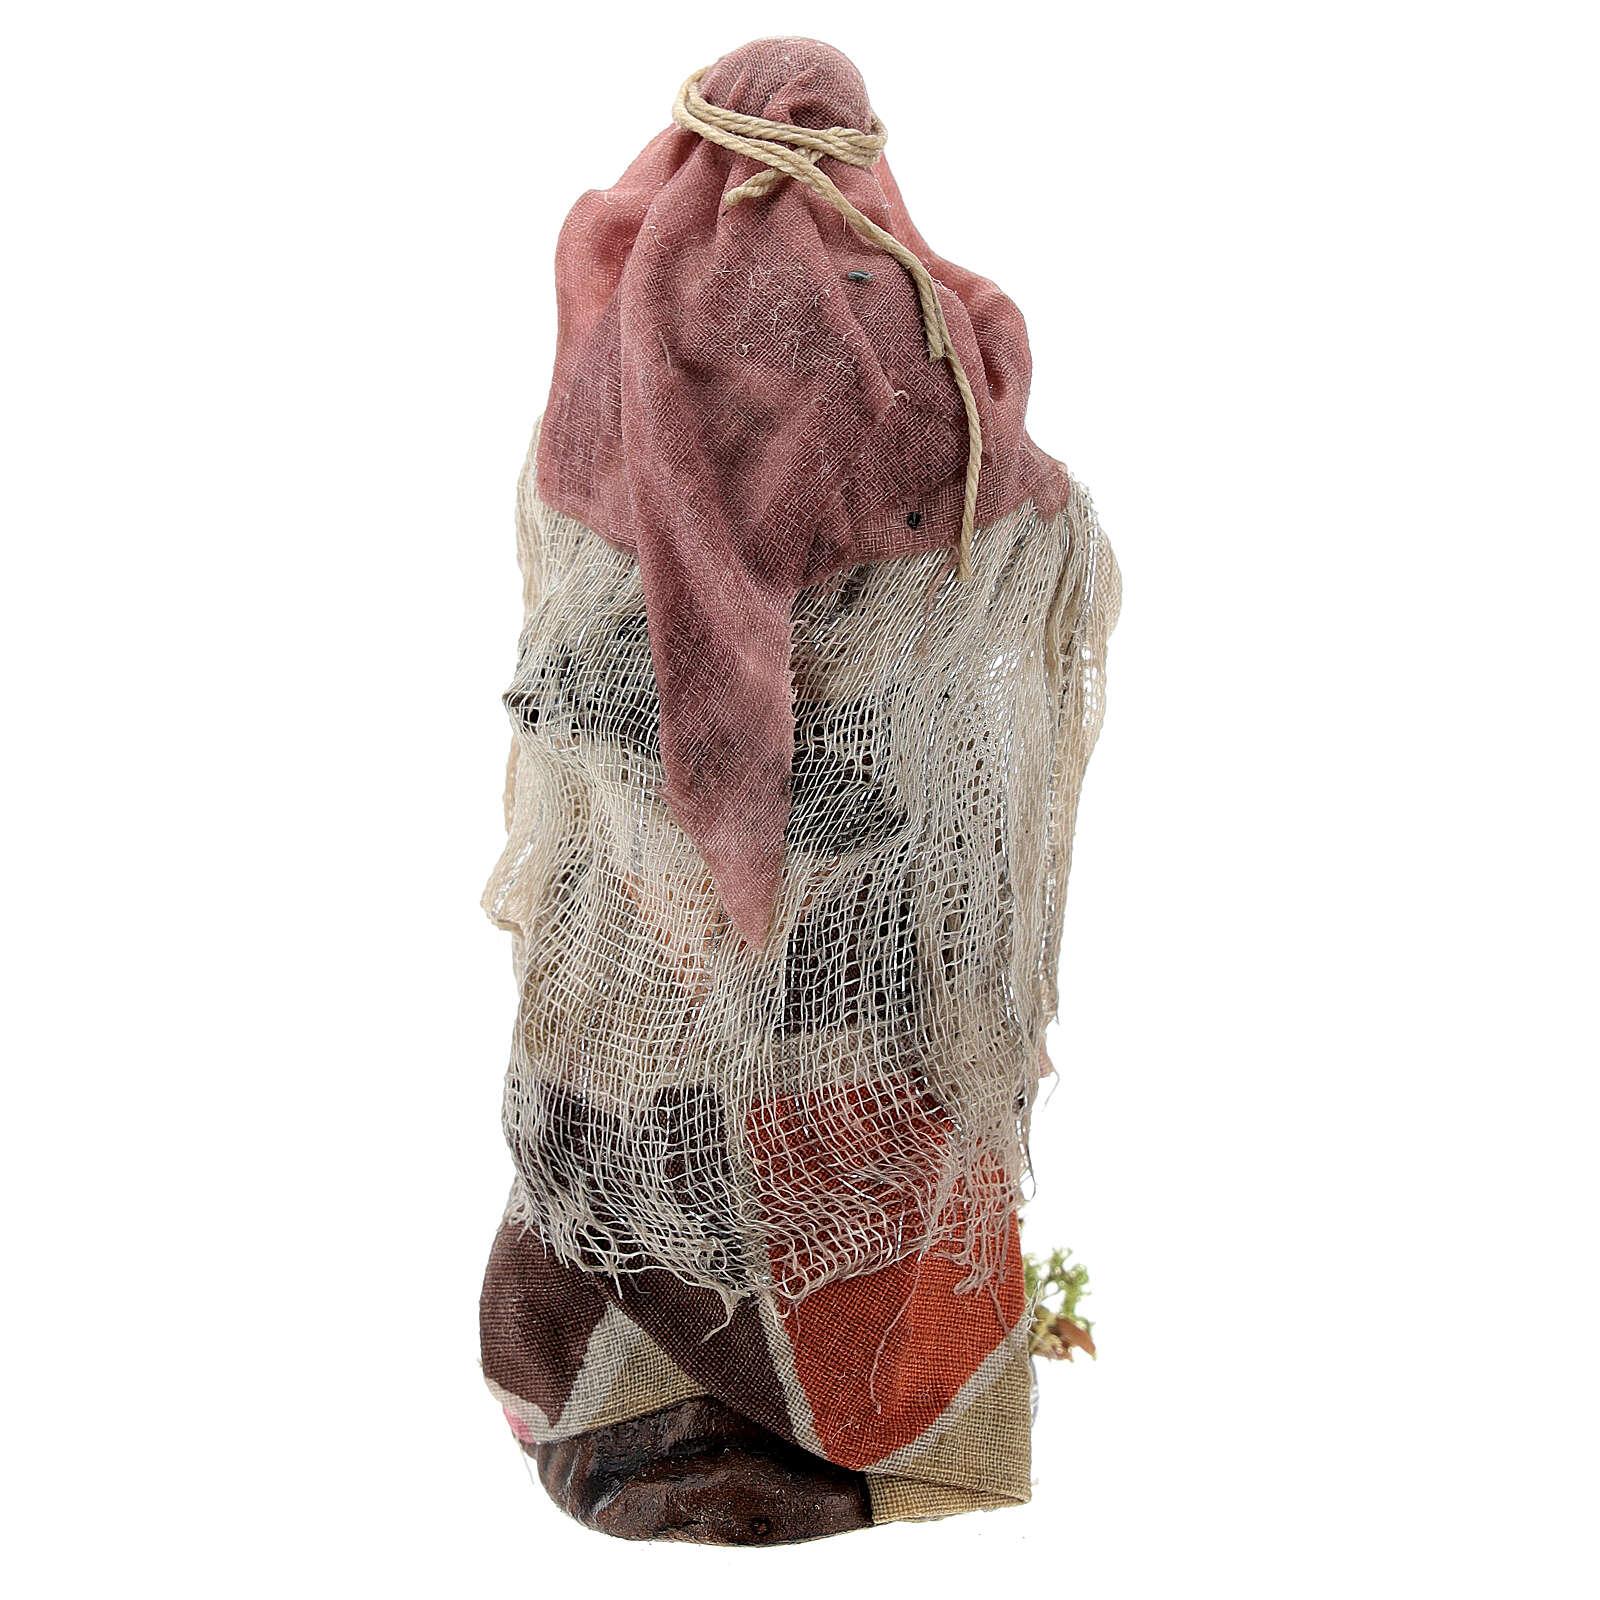 Donna con anfore statua terracotta presepe napoletano 12 cm 4